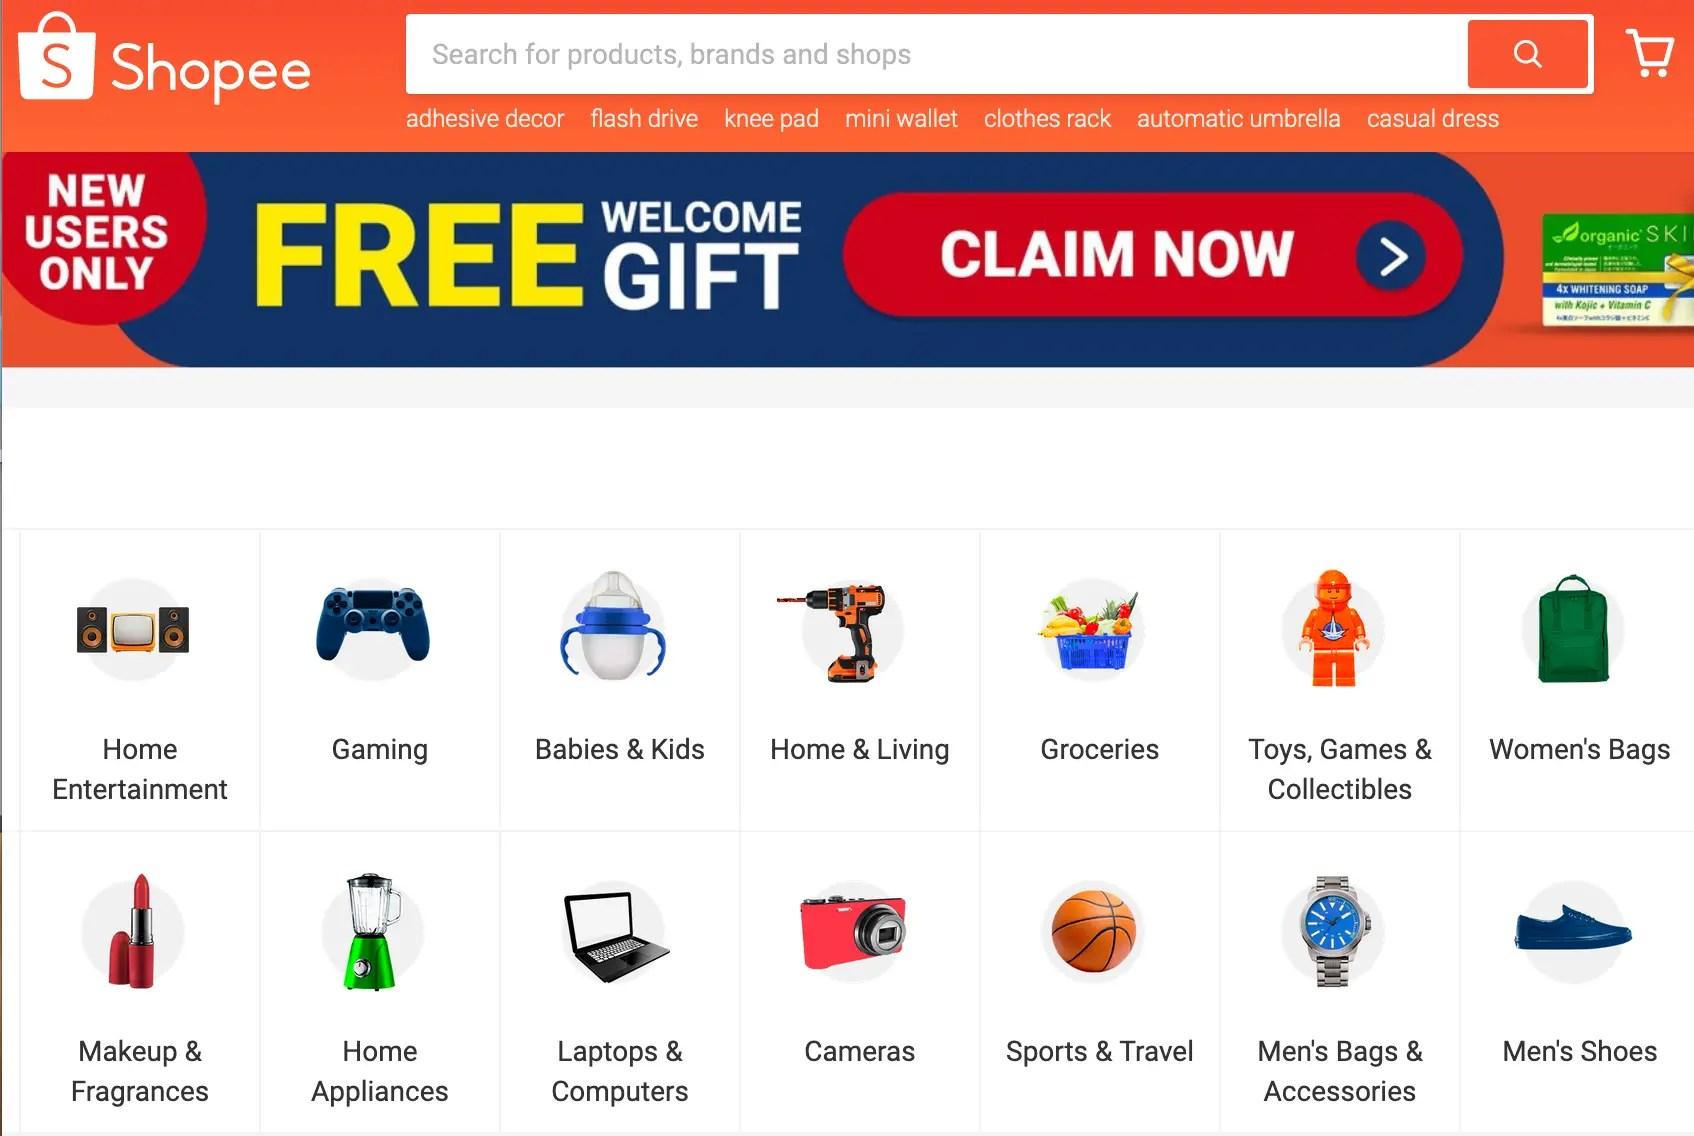 famous online shop philippines